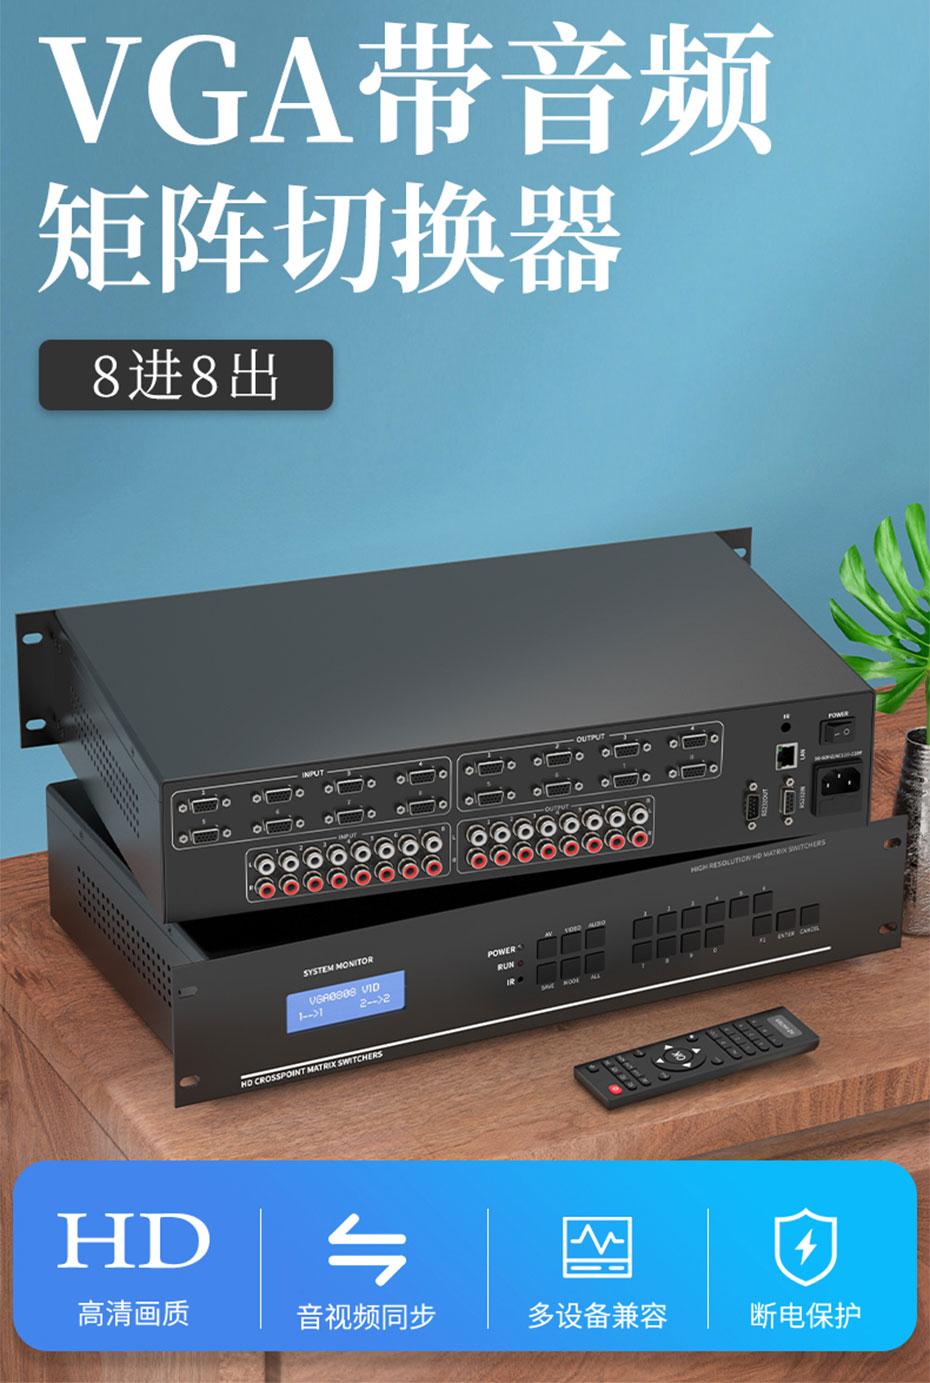 VGA矩阵拼接屏控制器8进8出V818A